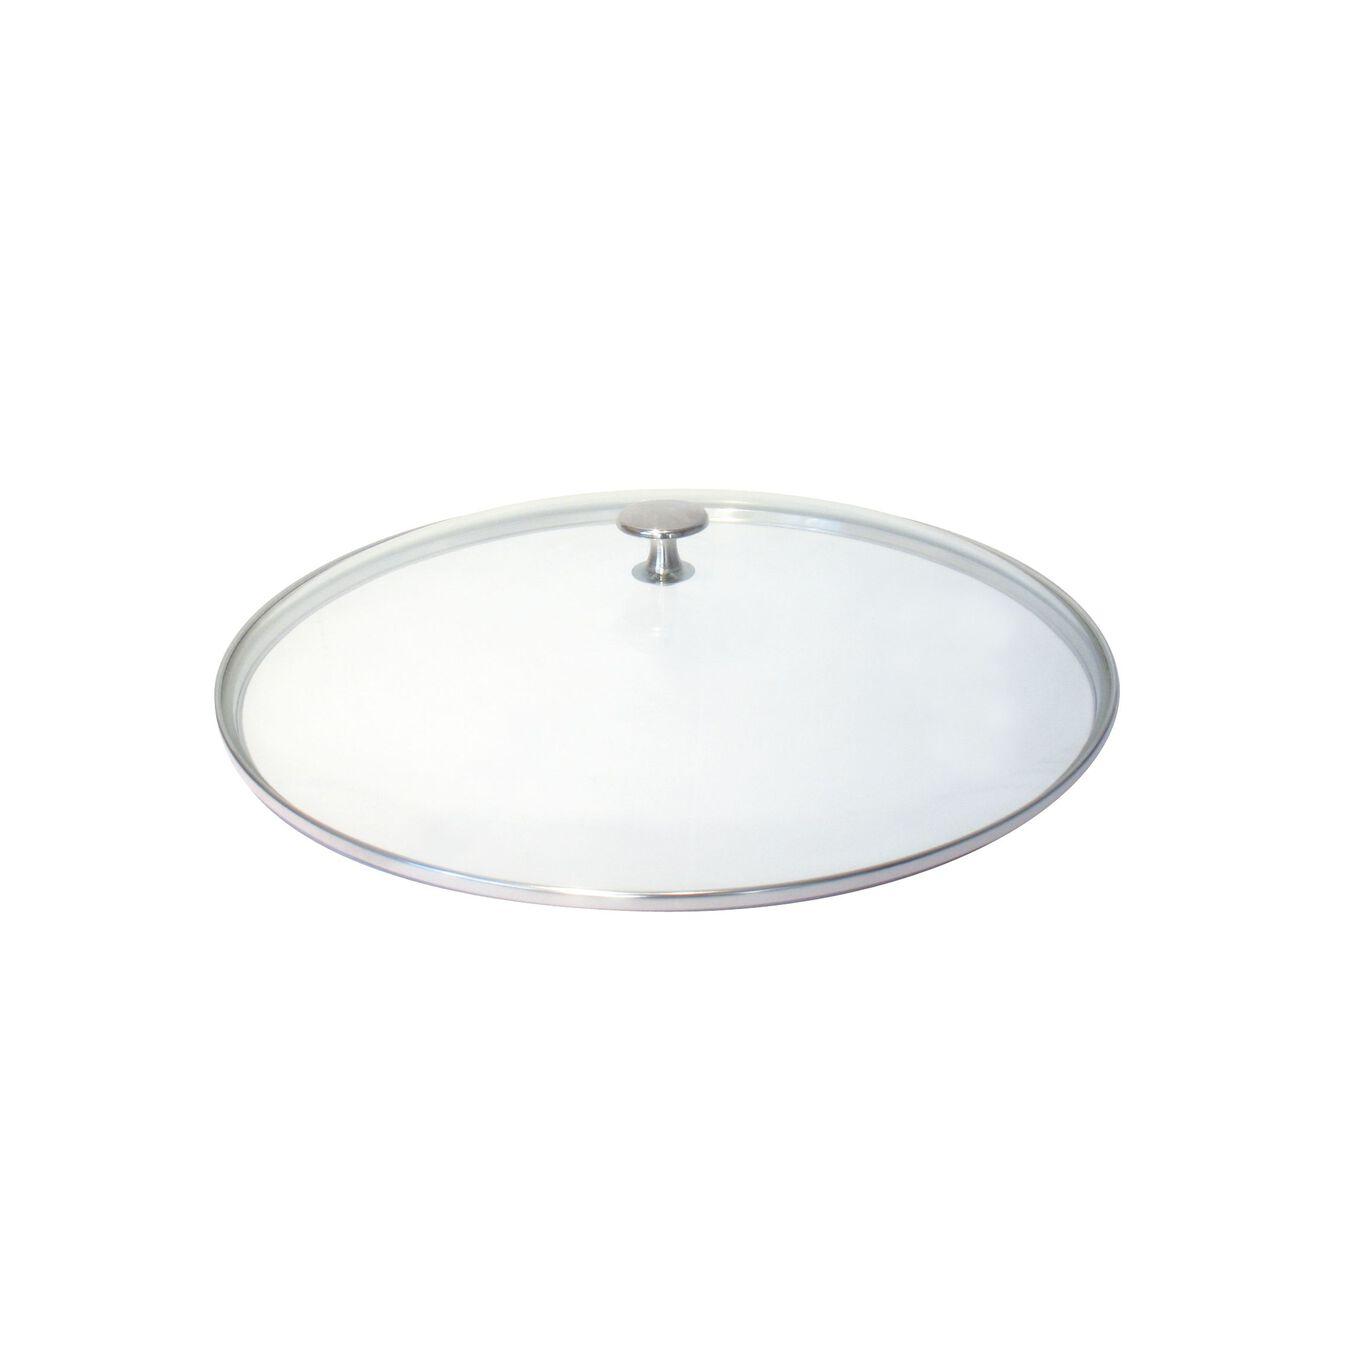 Couvercle, 16 cm   Rond(e)   Verre   Transparent,,large 1